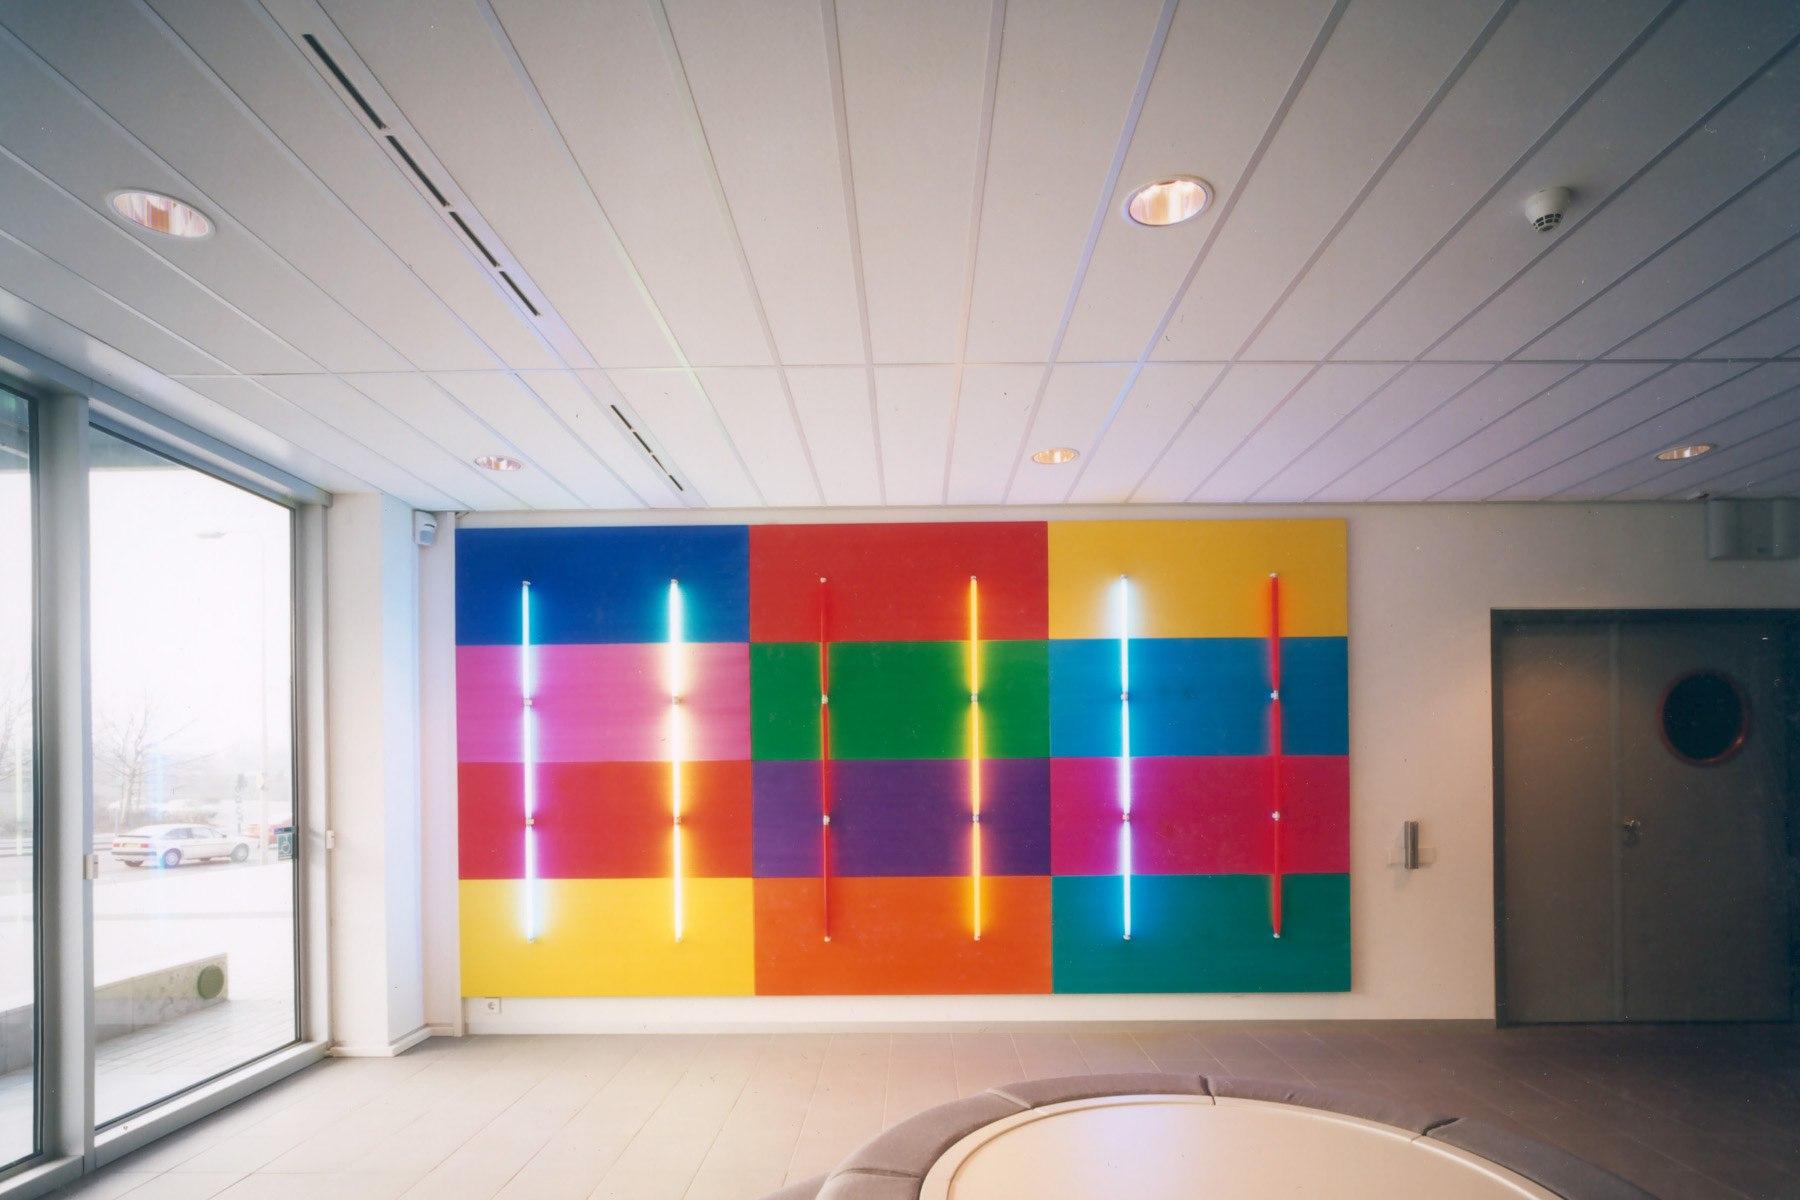 Lichtkunstwerk Belastingkantoor Heerlen, 1996